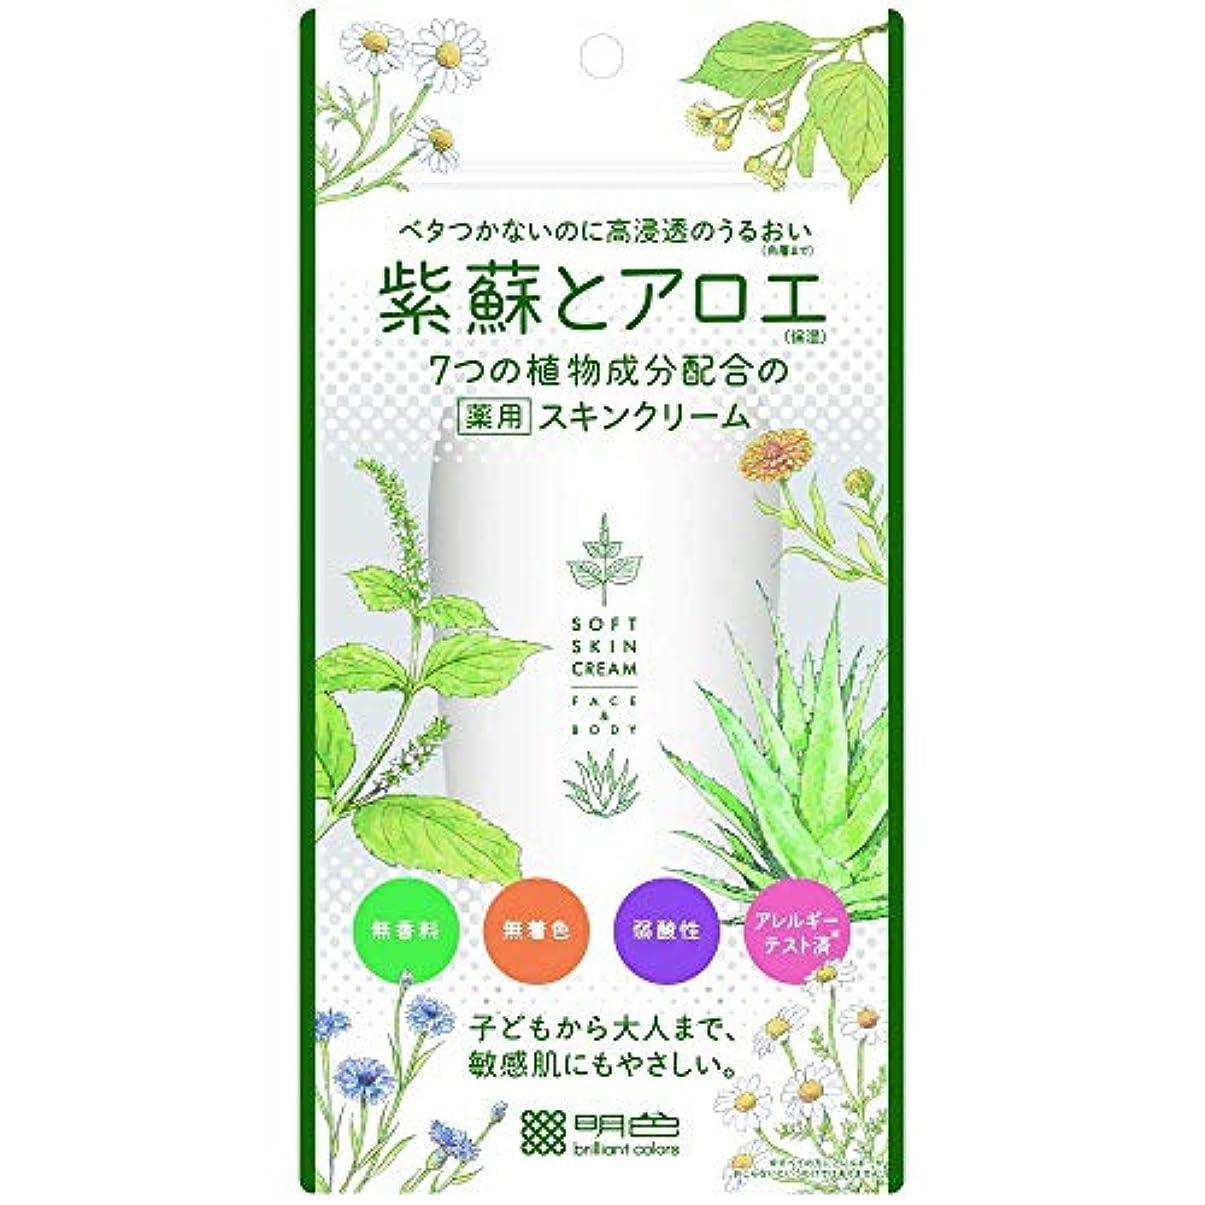 ストレスの多いおしゃれじゃない容器【10個セット】紫蘇とアロエ 薬用スキンクリーム 190g